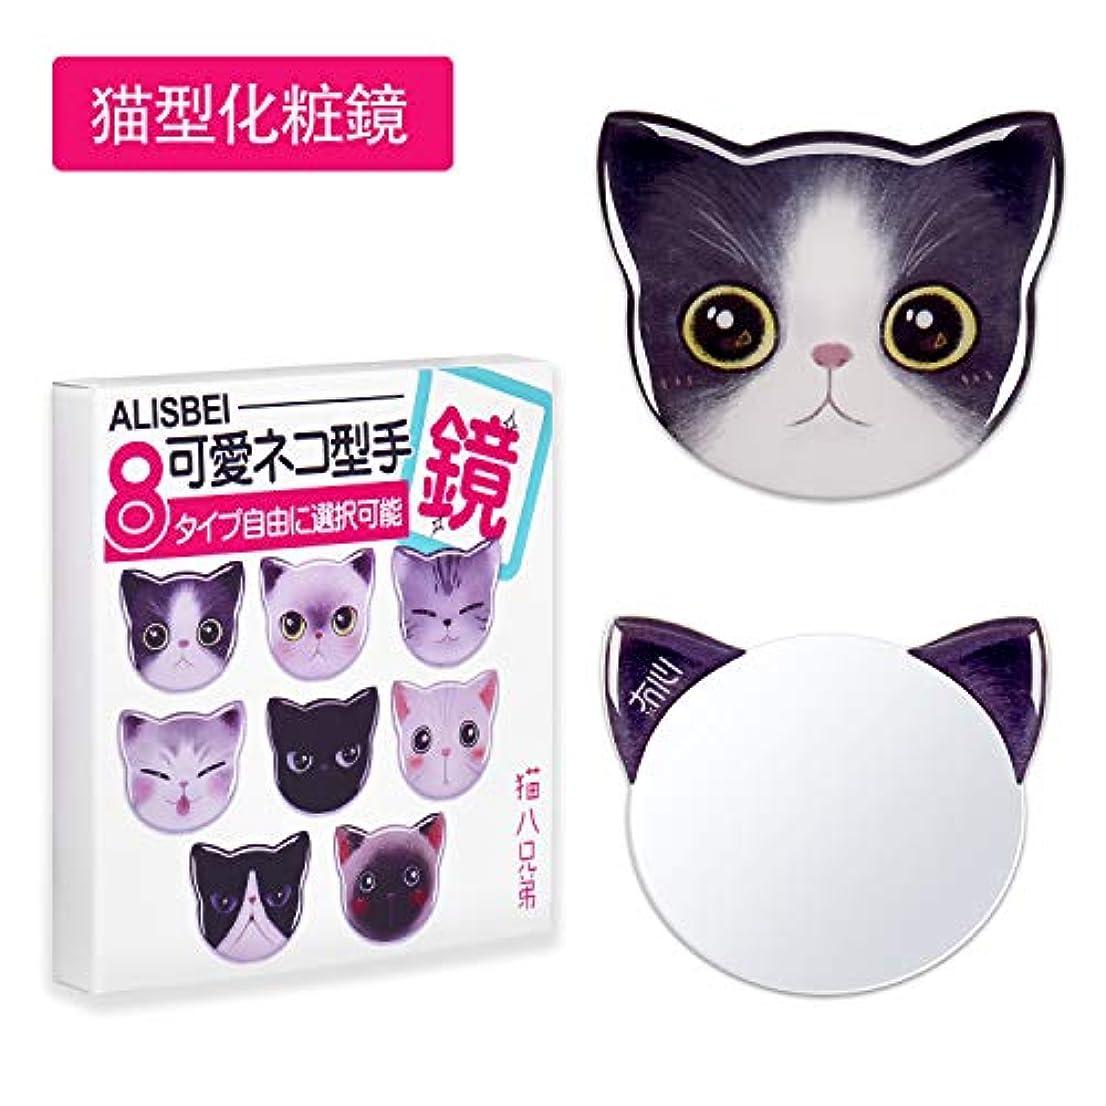 プロテスタント無法者マイナー携帯ミラー 手鏡 コンパクト 猫柄 8パタン 収納袋付き 割れない 鏡 おしゃれ コンパクトミラー ハンドミラー かわいい (ハナ)